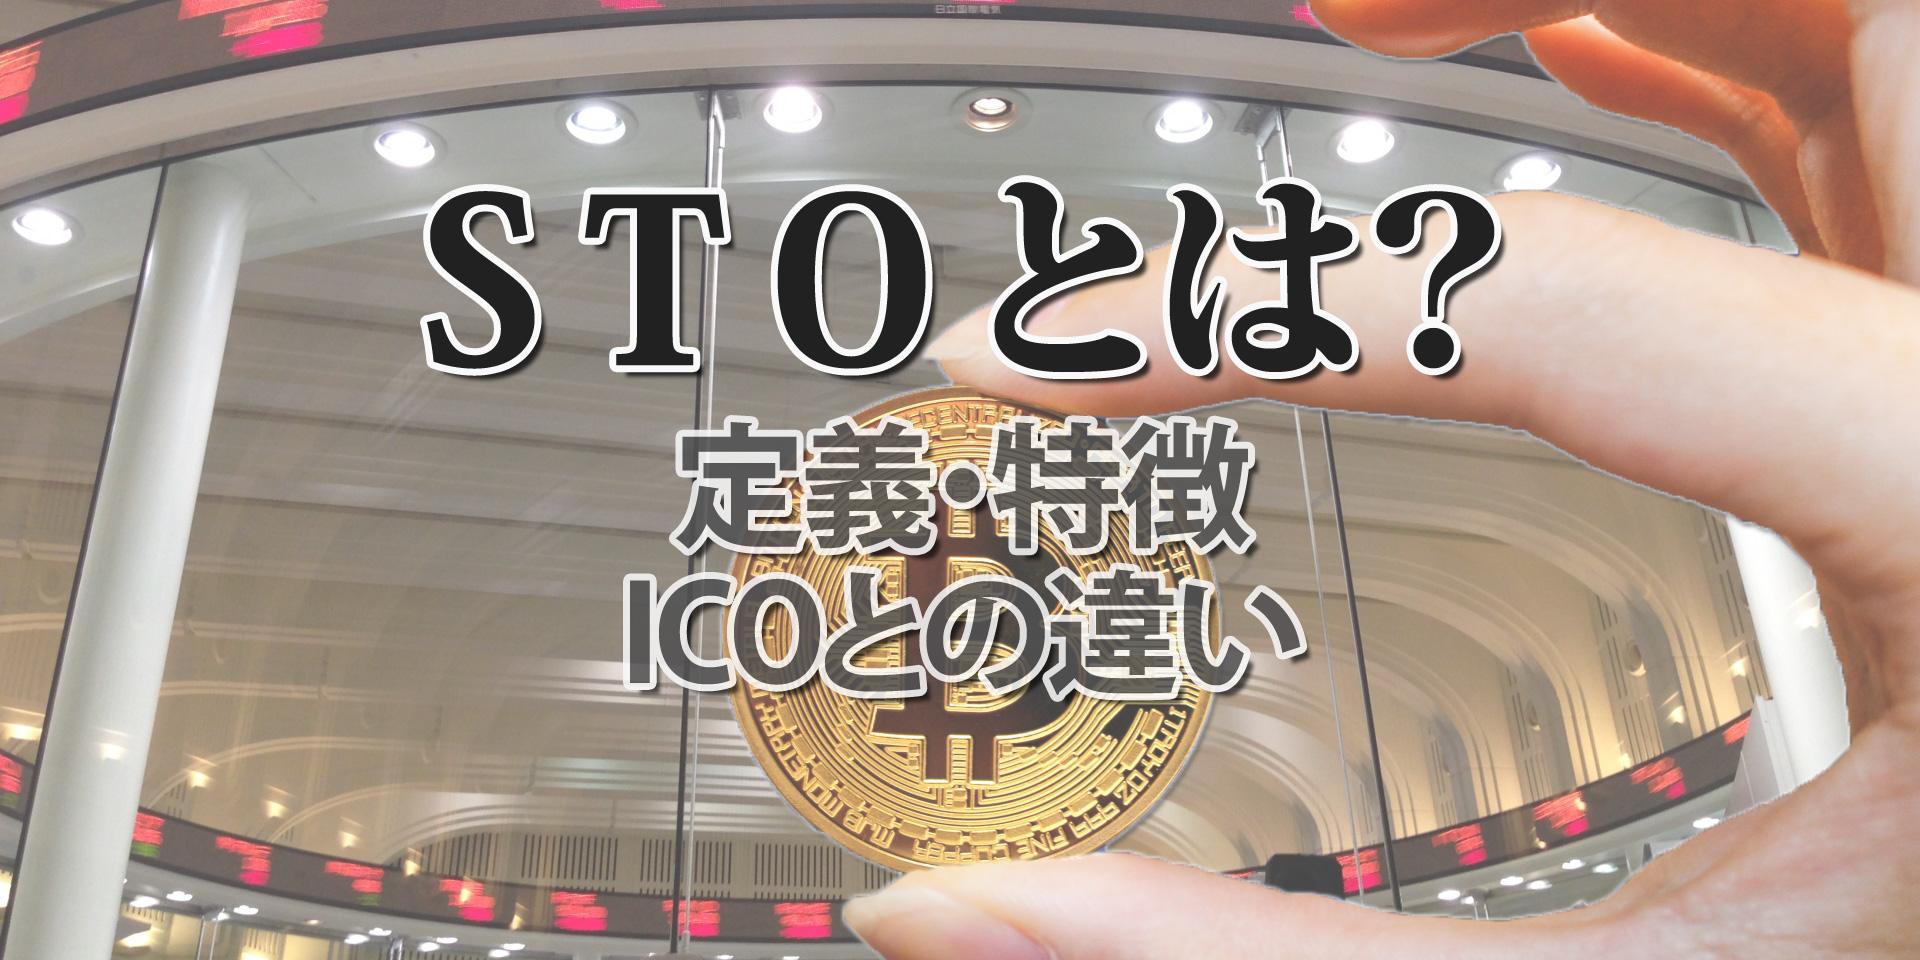 ICOに代わる資金調達方法として注目されるSTO(Security Token Offering)とは?